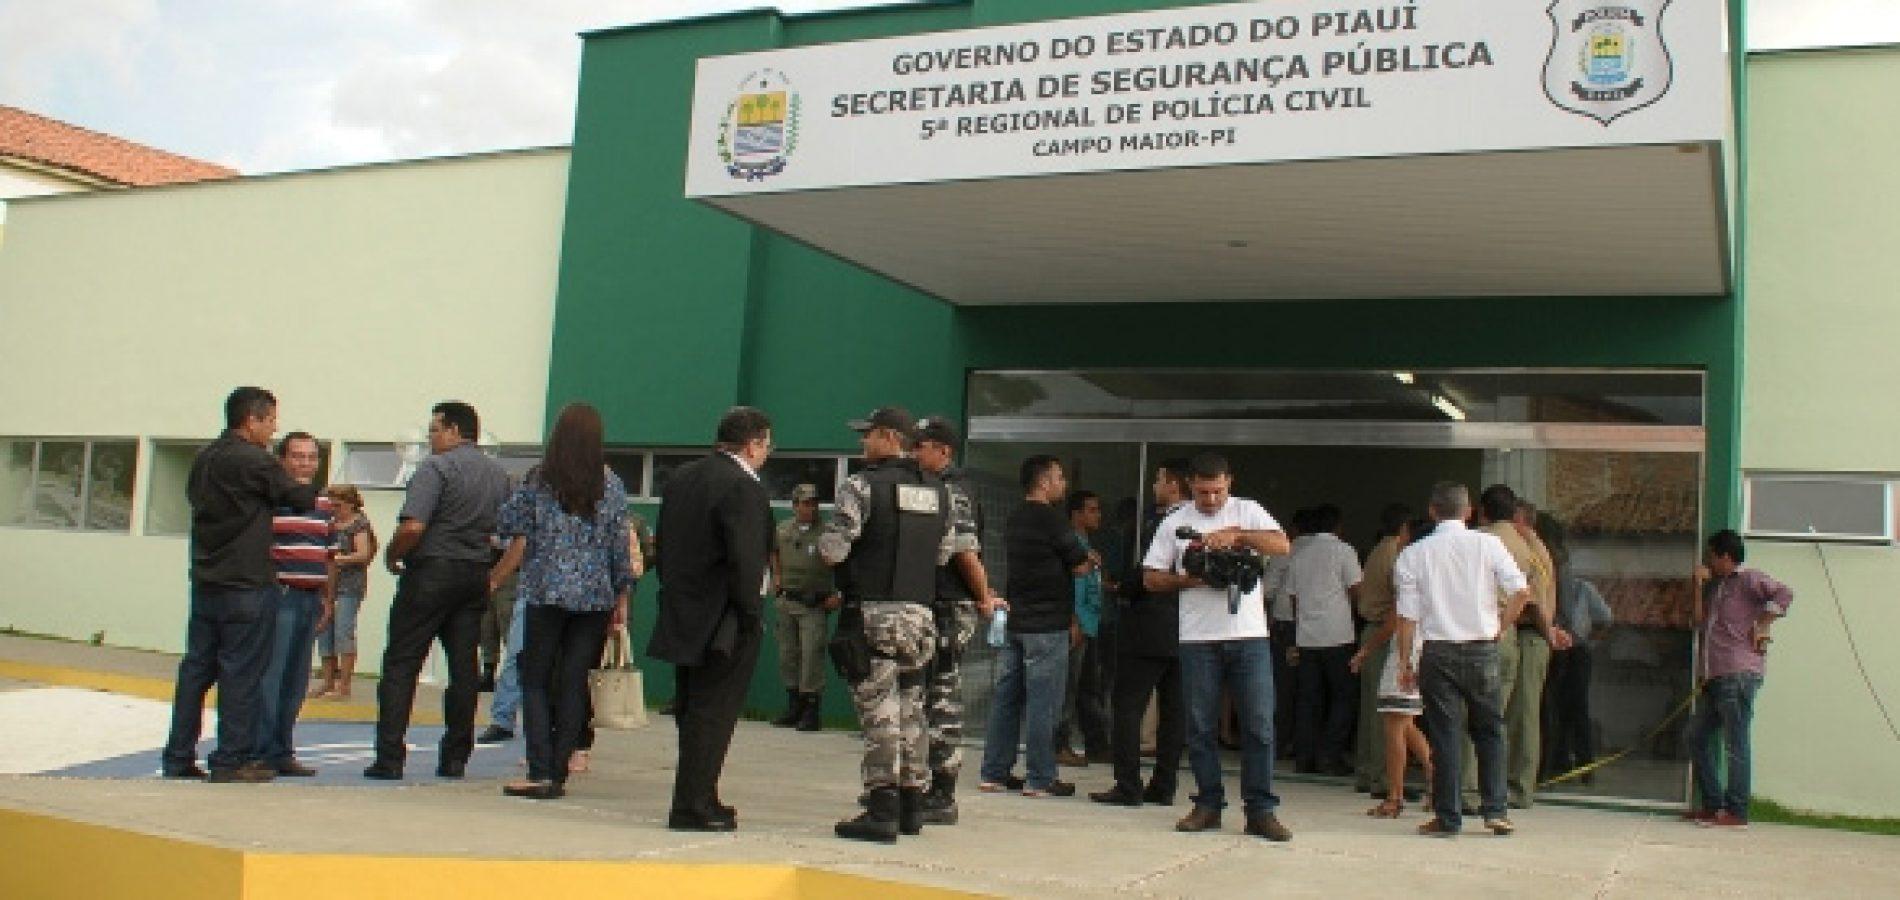 Jovem com síndrome de Down aceita carona e é estuprado no Piauí; suspeito foi preso